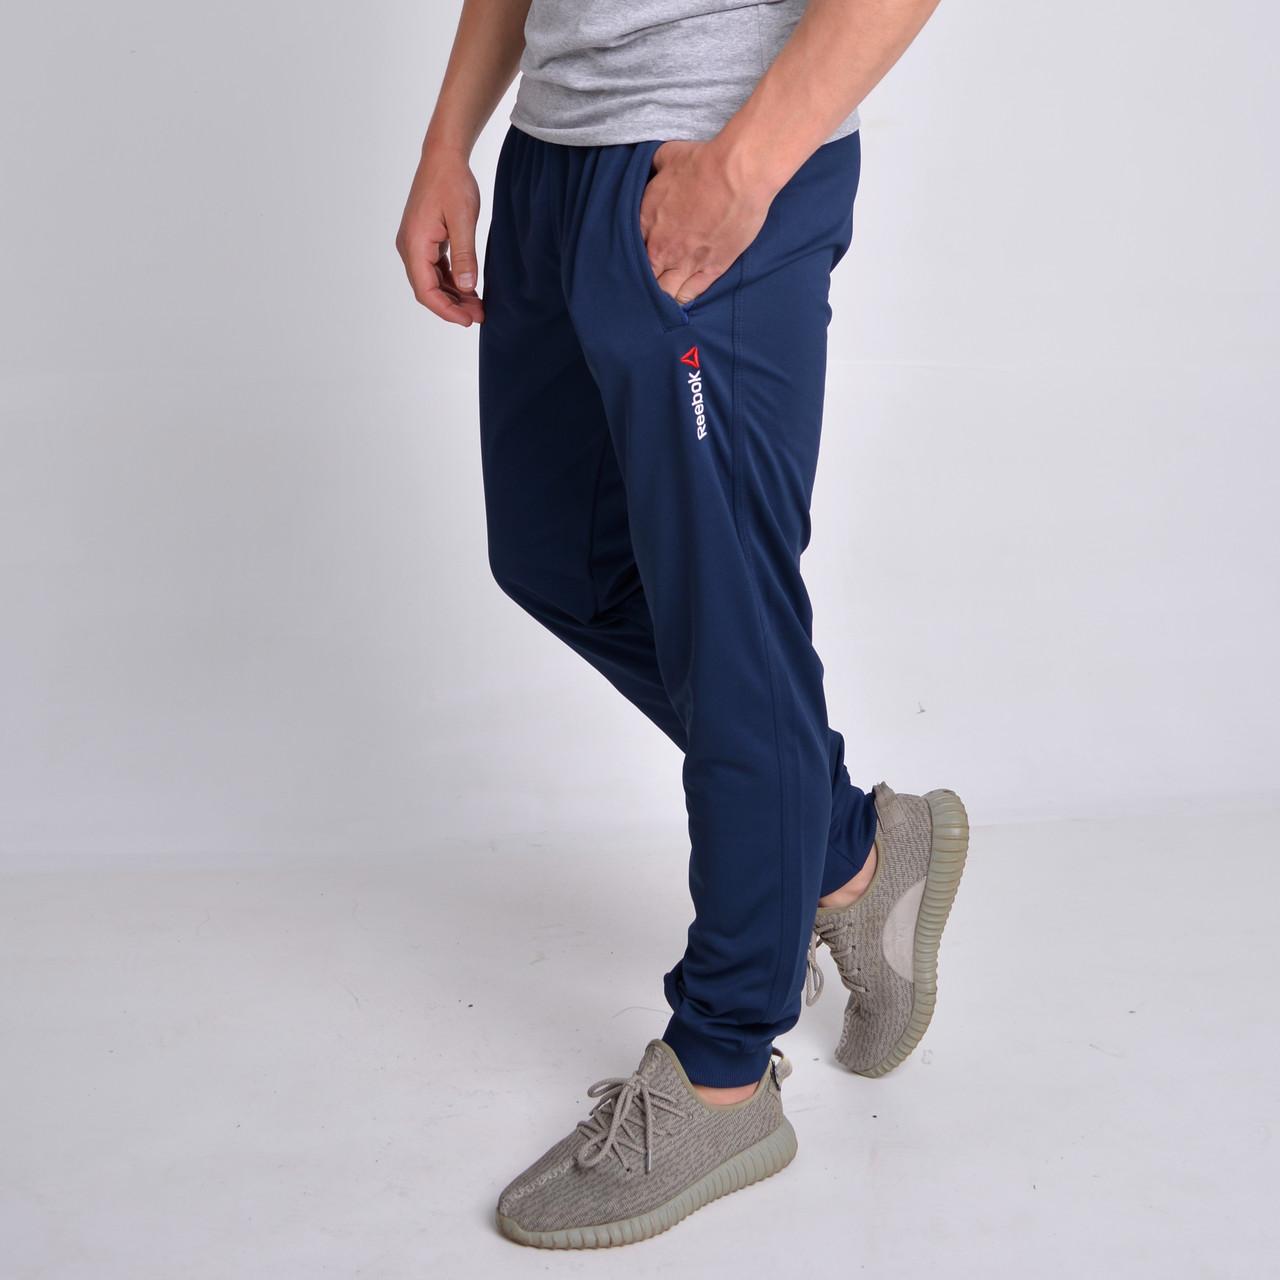 7d99cab4 Темно-синие мужские спортивные штаны на манжете Reebok (Рибок),  Трикотаж-Пике